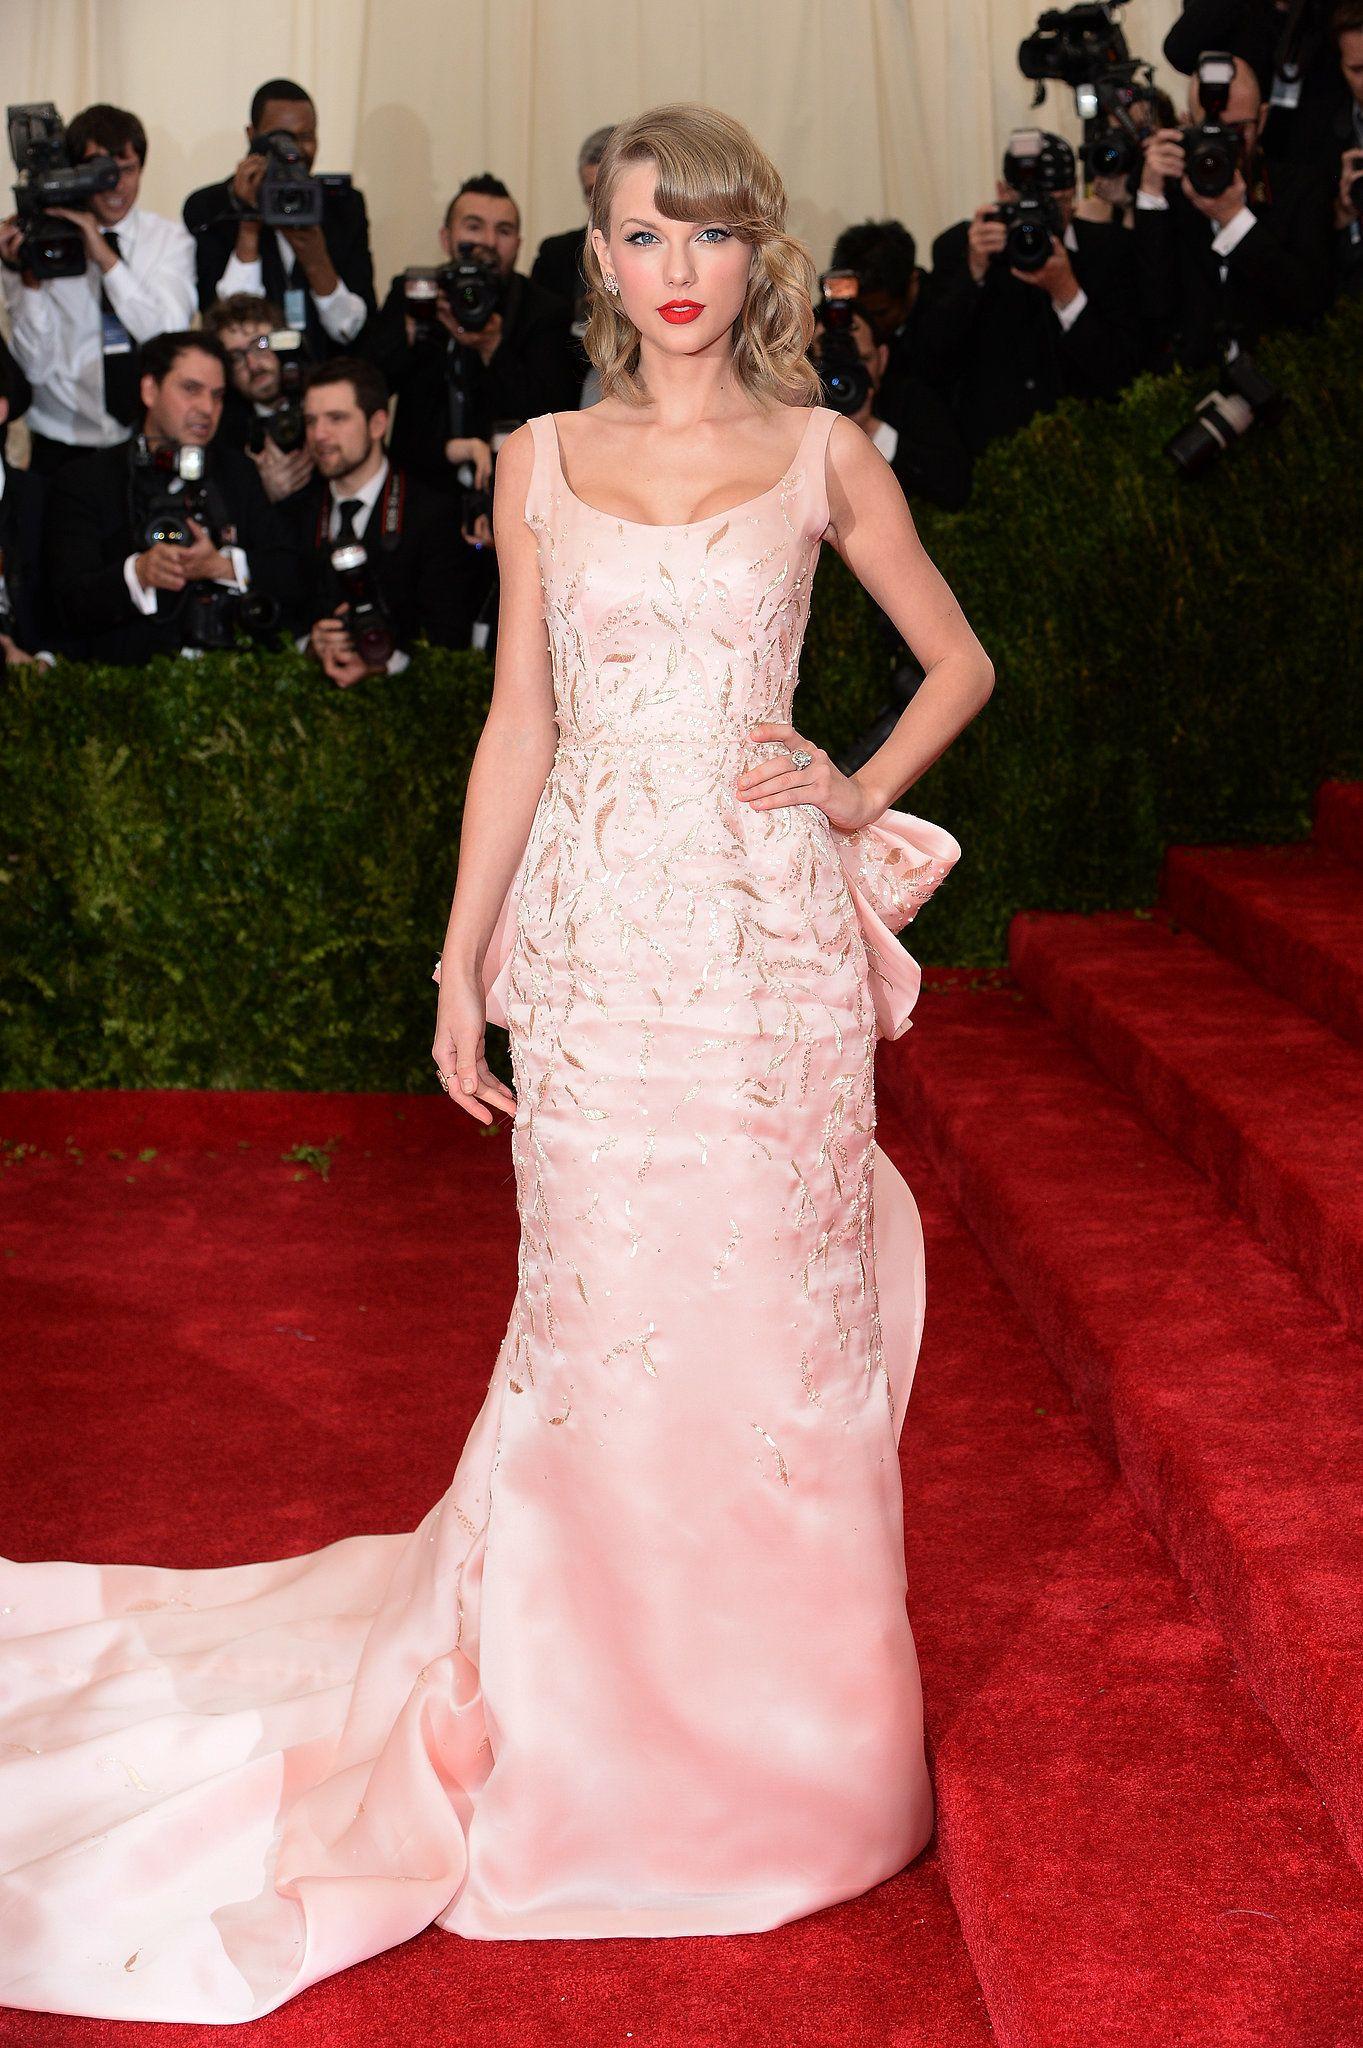 Taylor Swift in Oscar de la Renta | Taylor swift, Oscar de la Renta ...